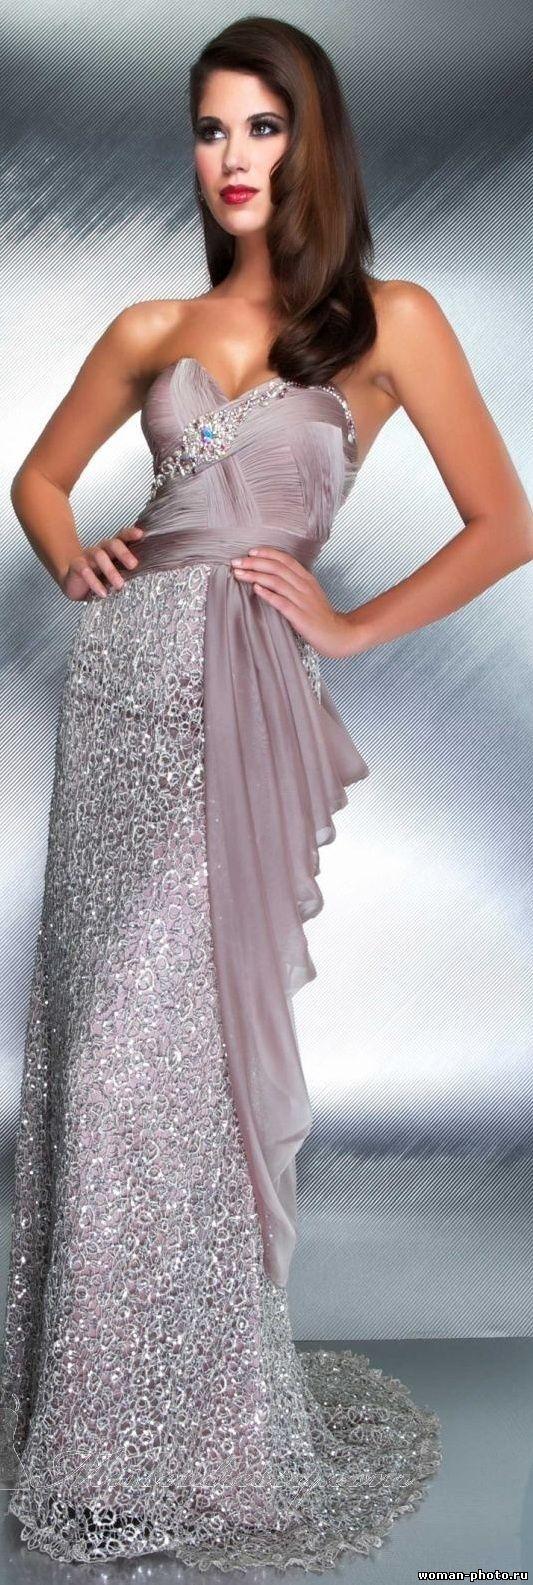 Модные и красивые платья в пол: фото подборка